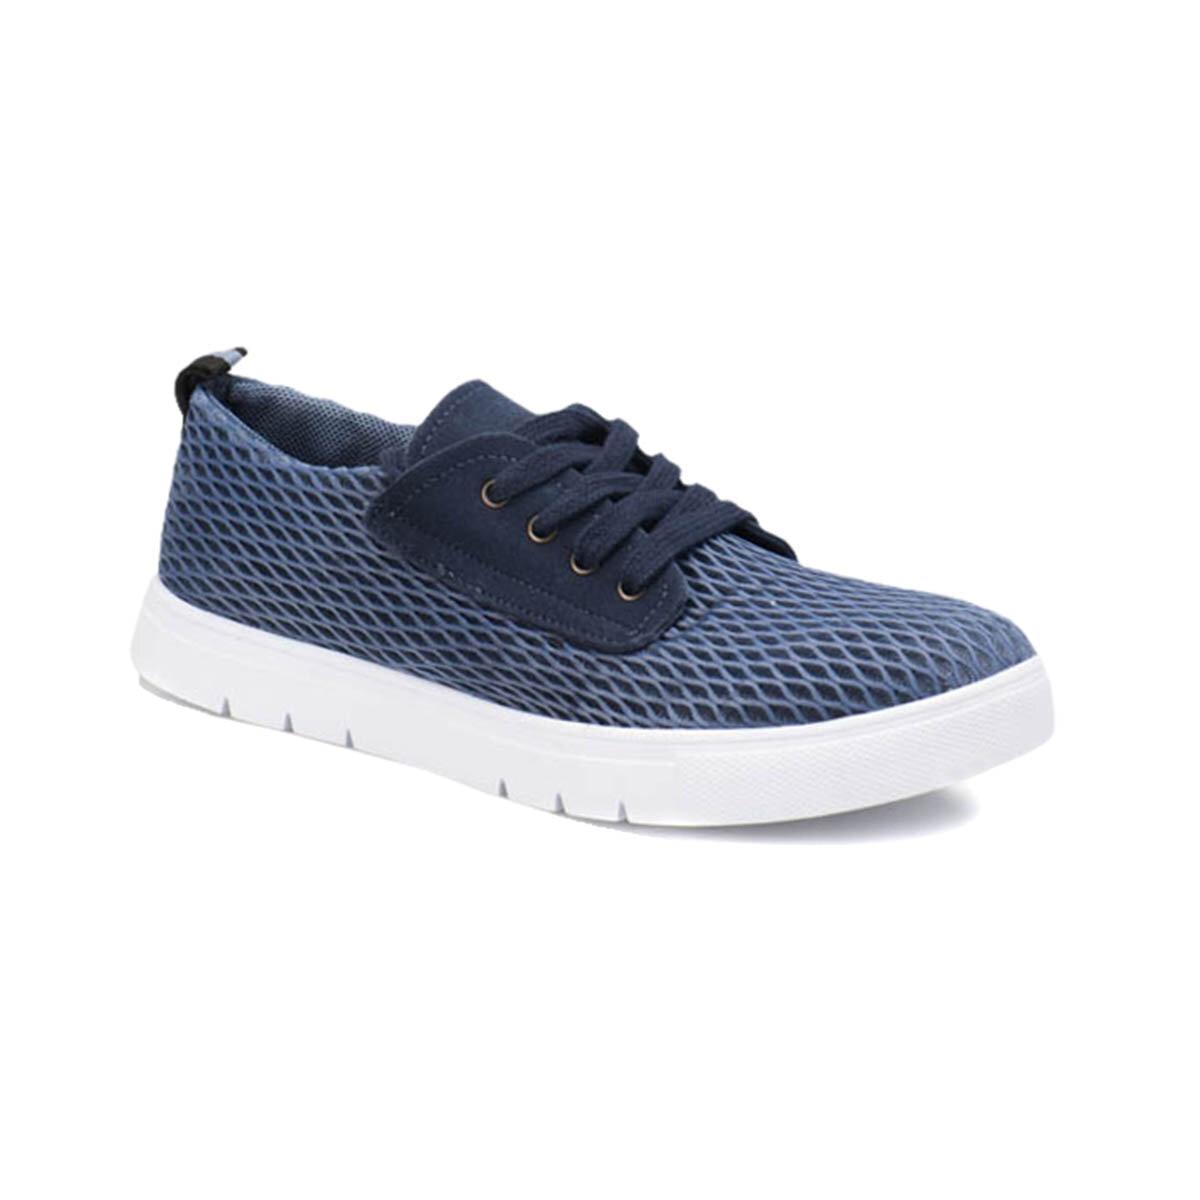 FLO DMS-03 M 1597 Blue Men 'S Sneaker Shoes Panama Club